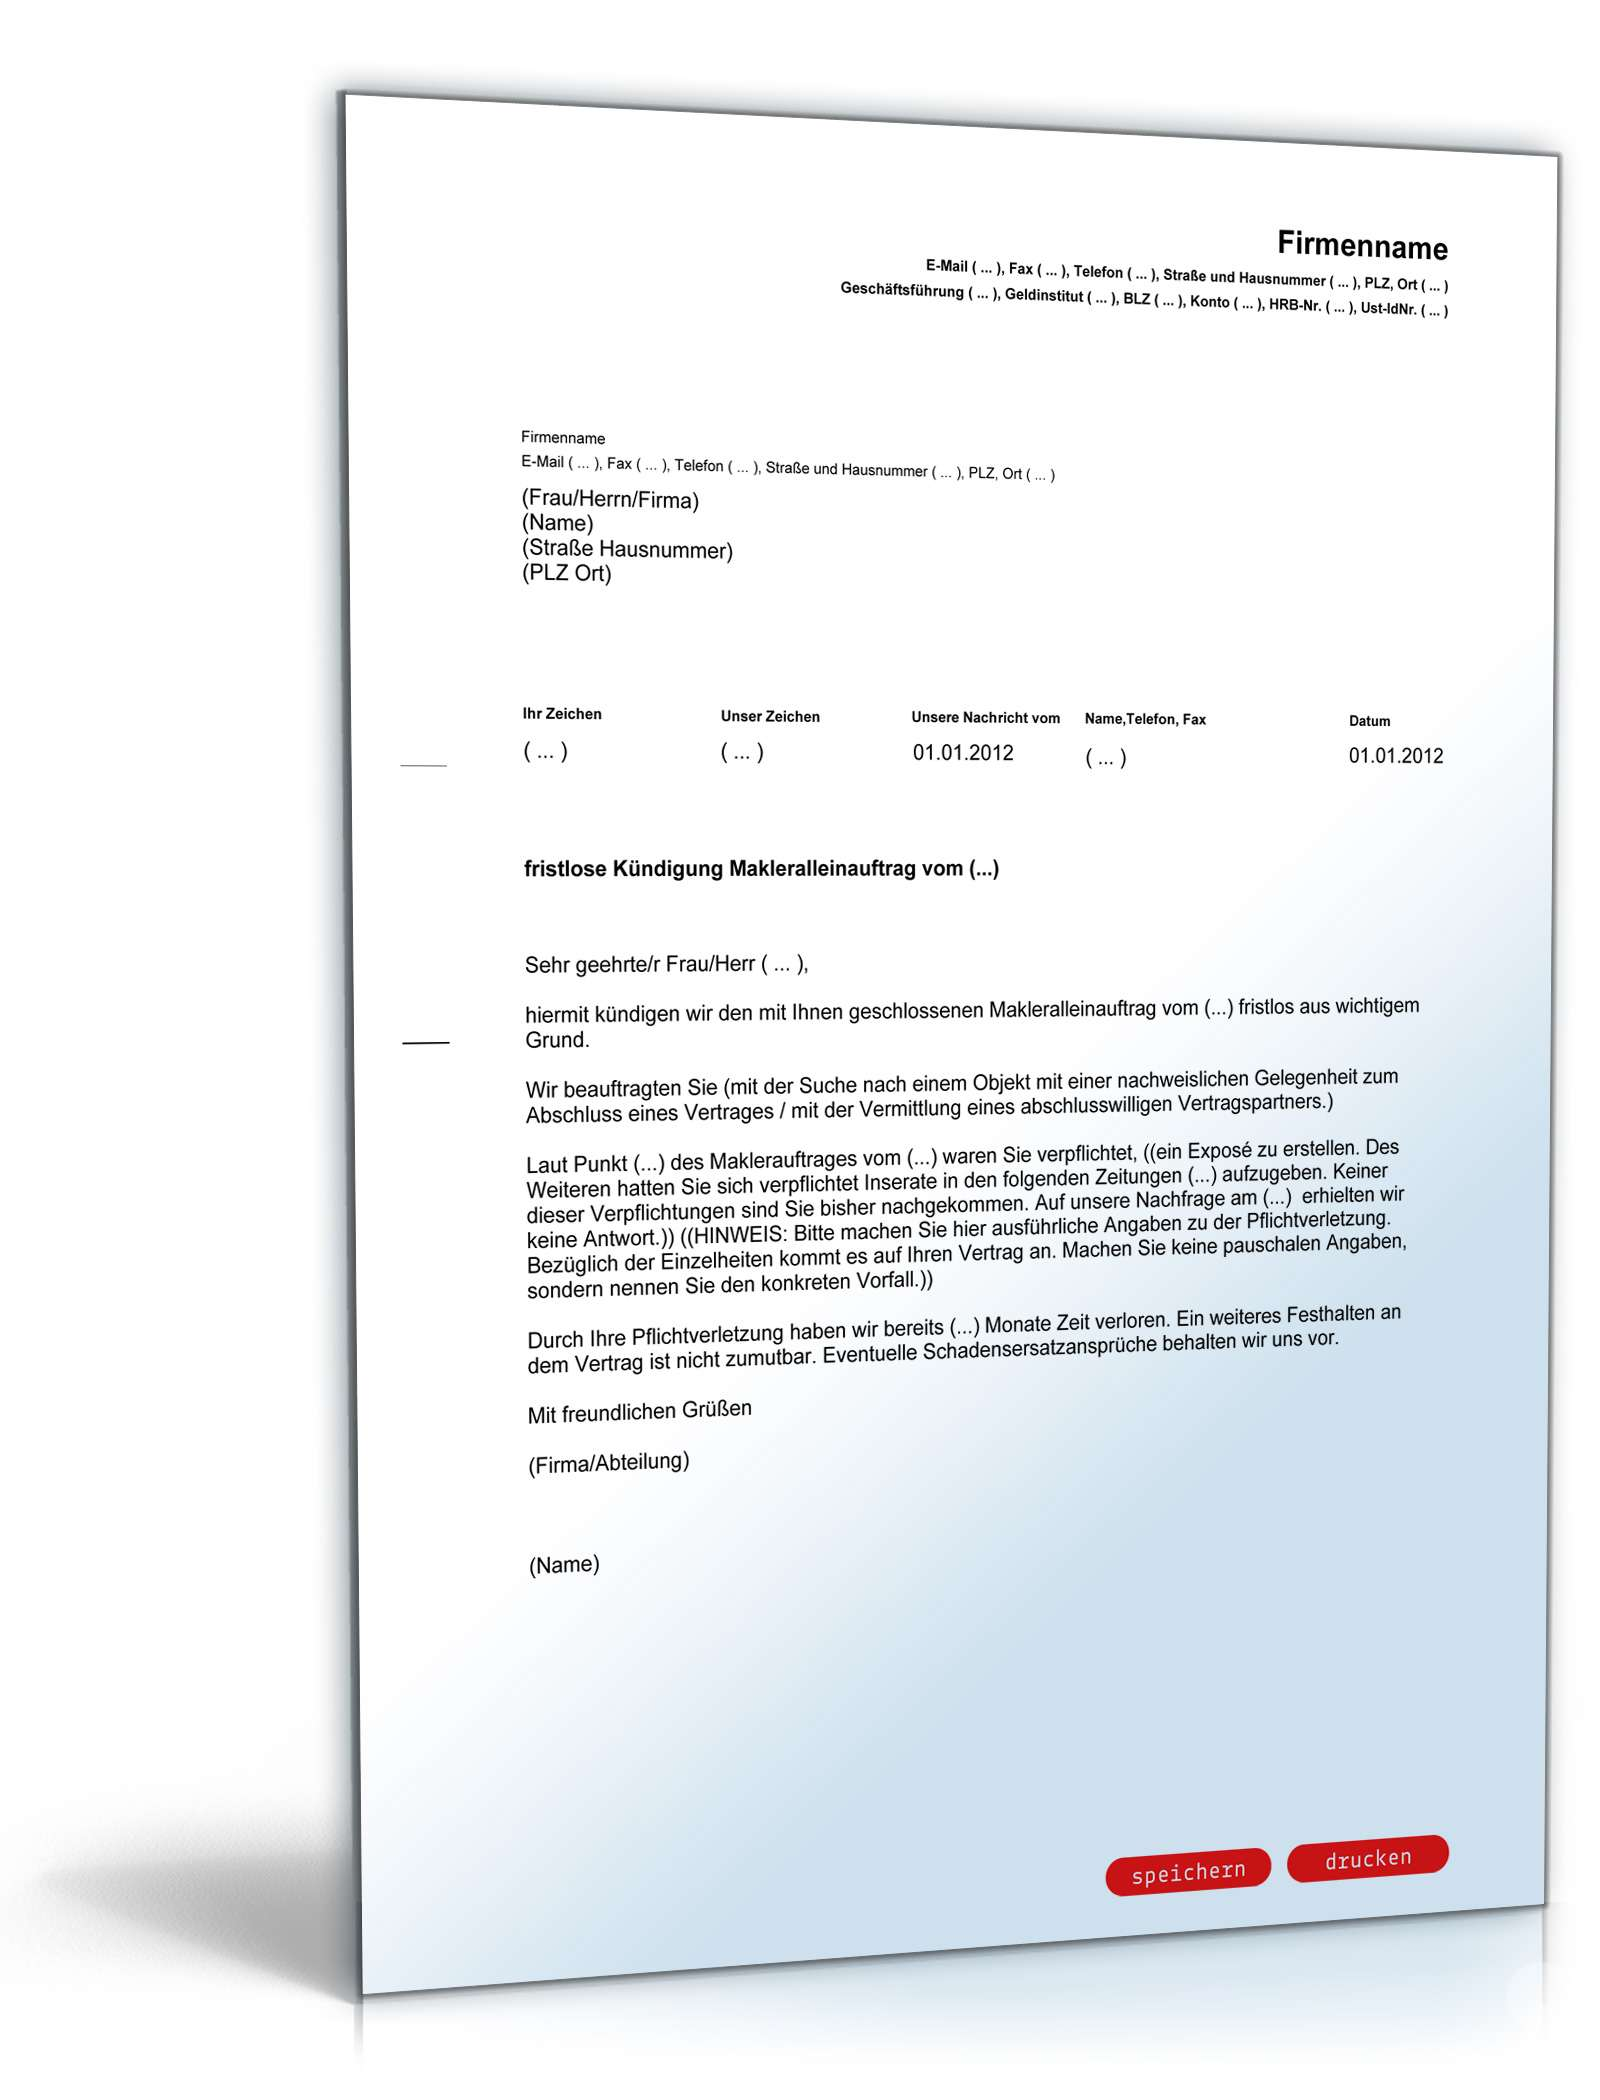 Fristlose Kündigung Makleralleinauftrag | Muster zum Download